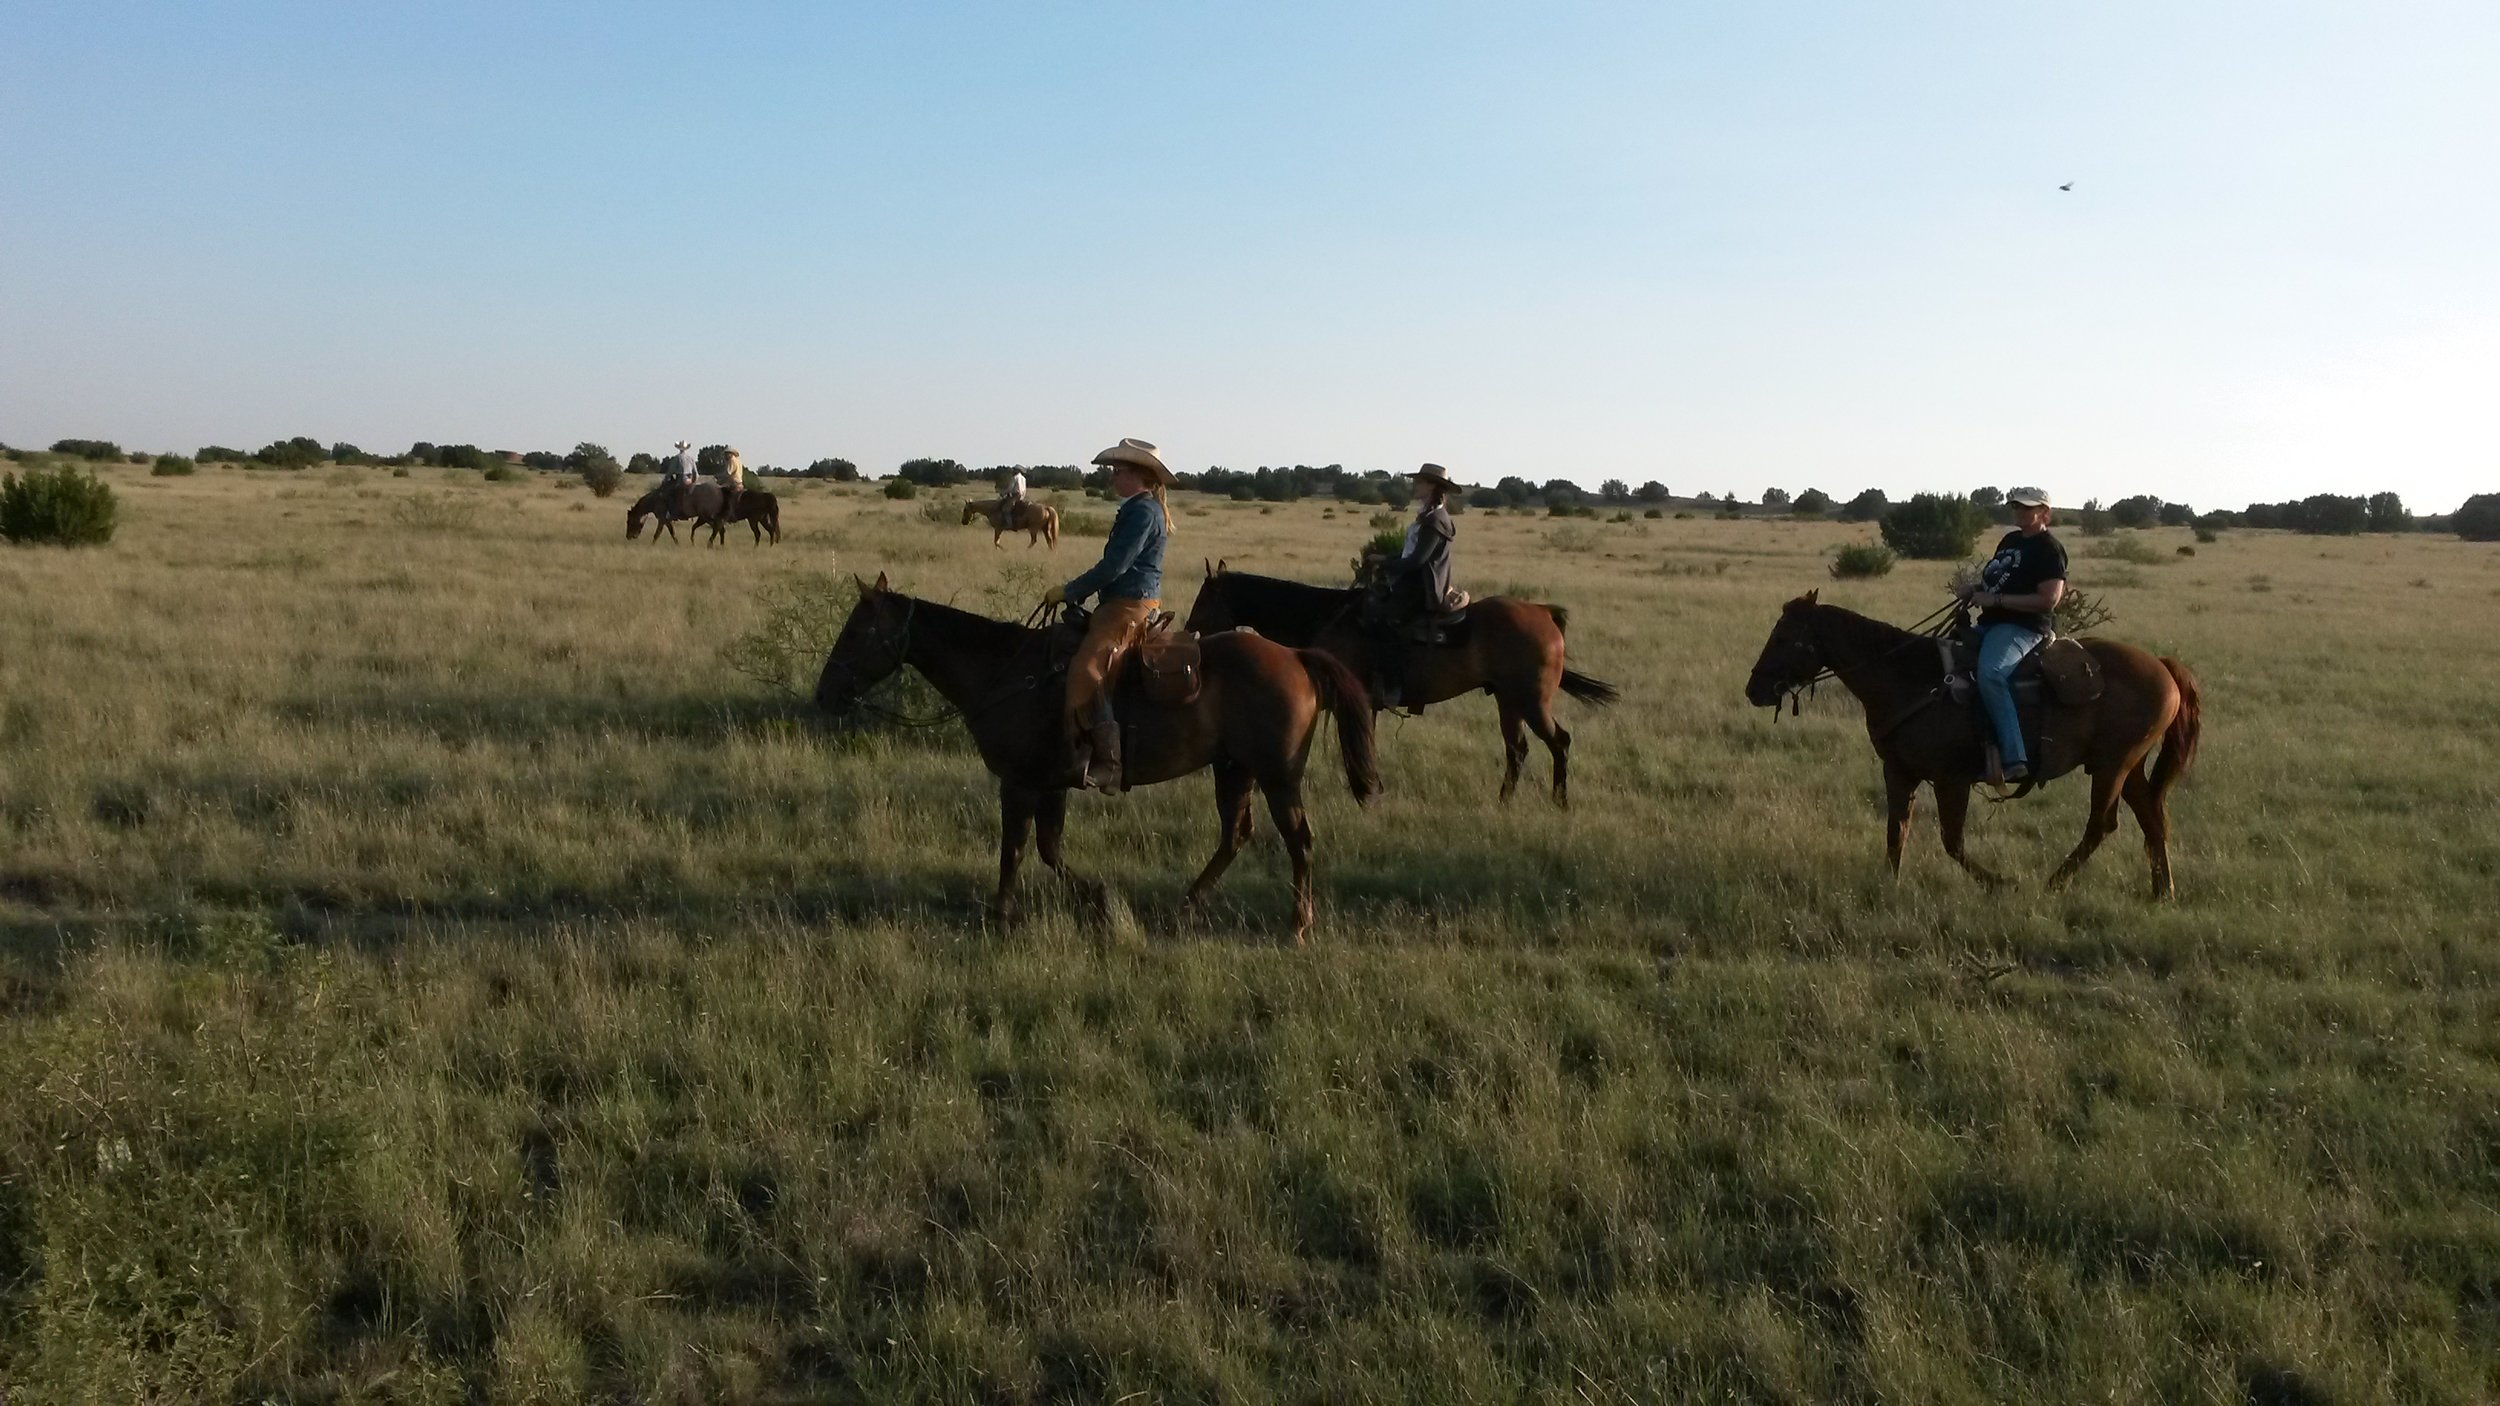 Andy on Snickers, Pia on Kip and Birgit looking for cattle.  Andy auf Snickers, Pia auf Kip und Birgit auf Butch auf der Suche nach Rindern.